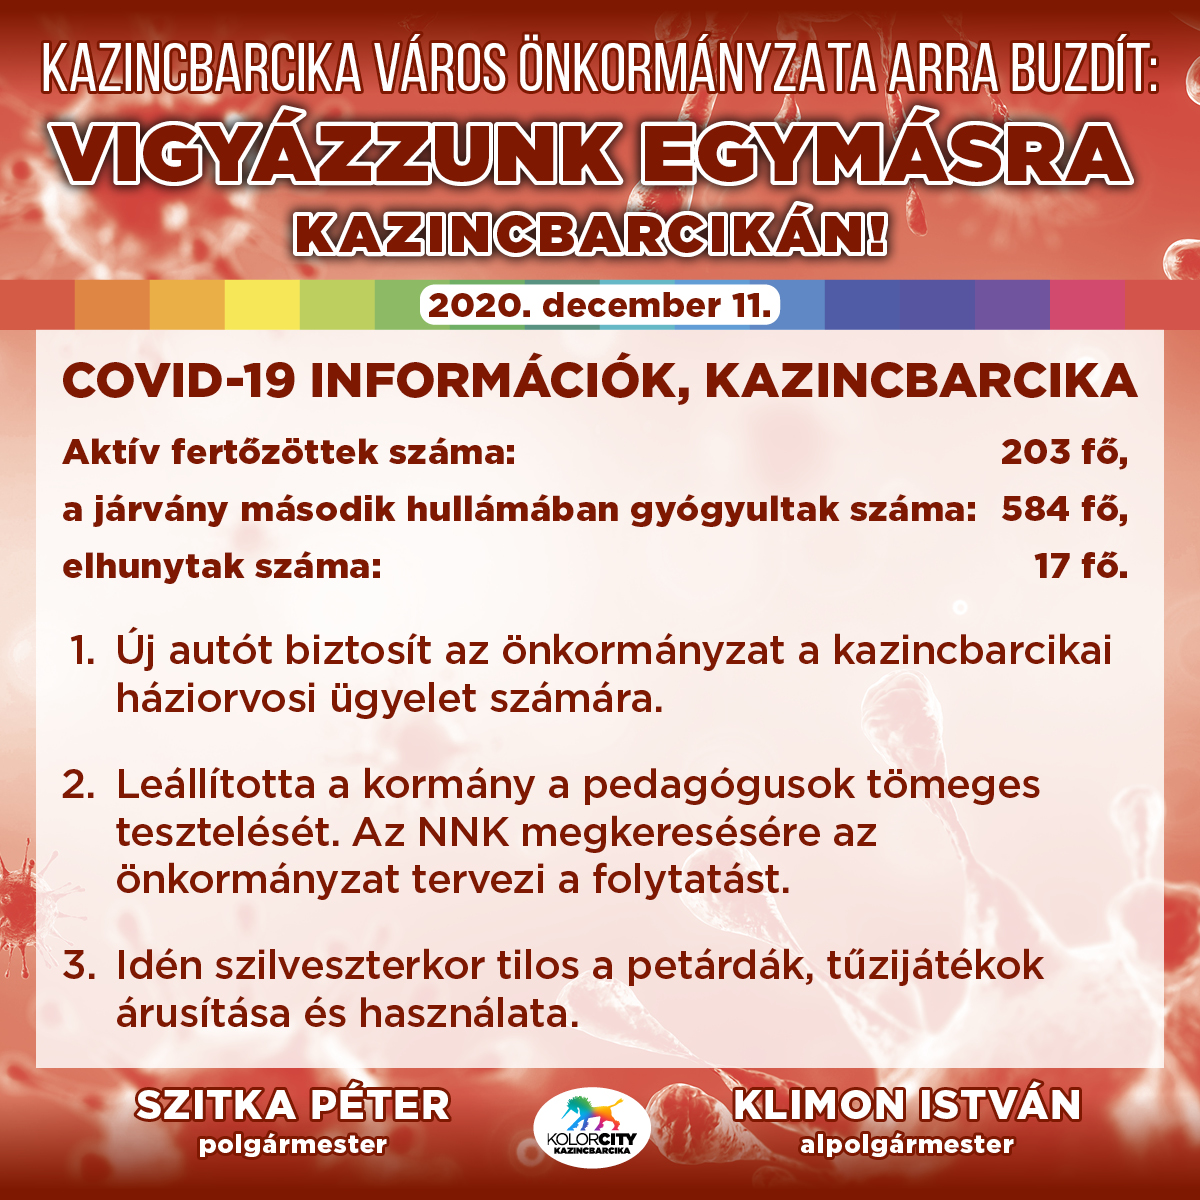 https://kolorline.hu/Vigyázzunk egymásra Kazincbarcikán! – 2020. december 11.